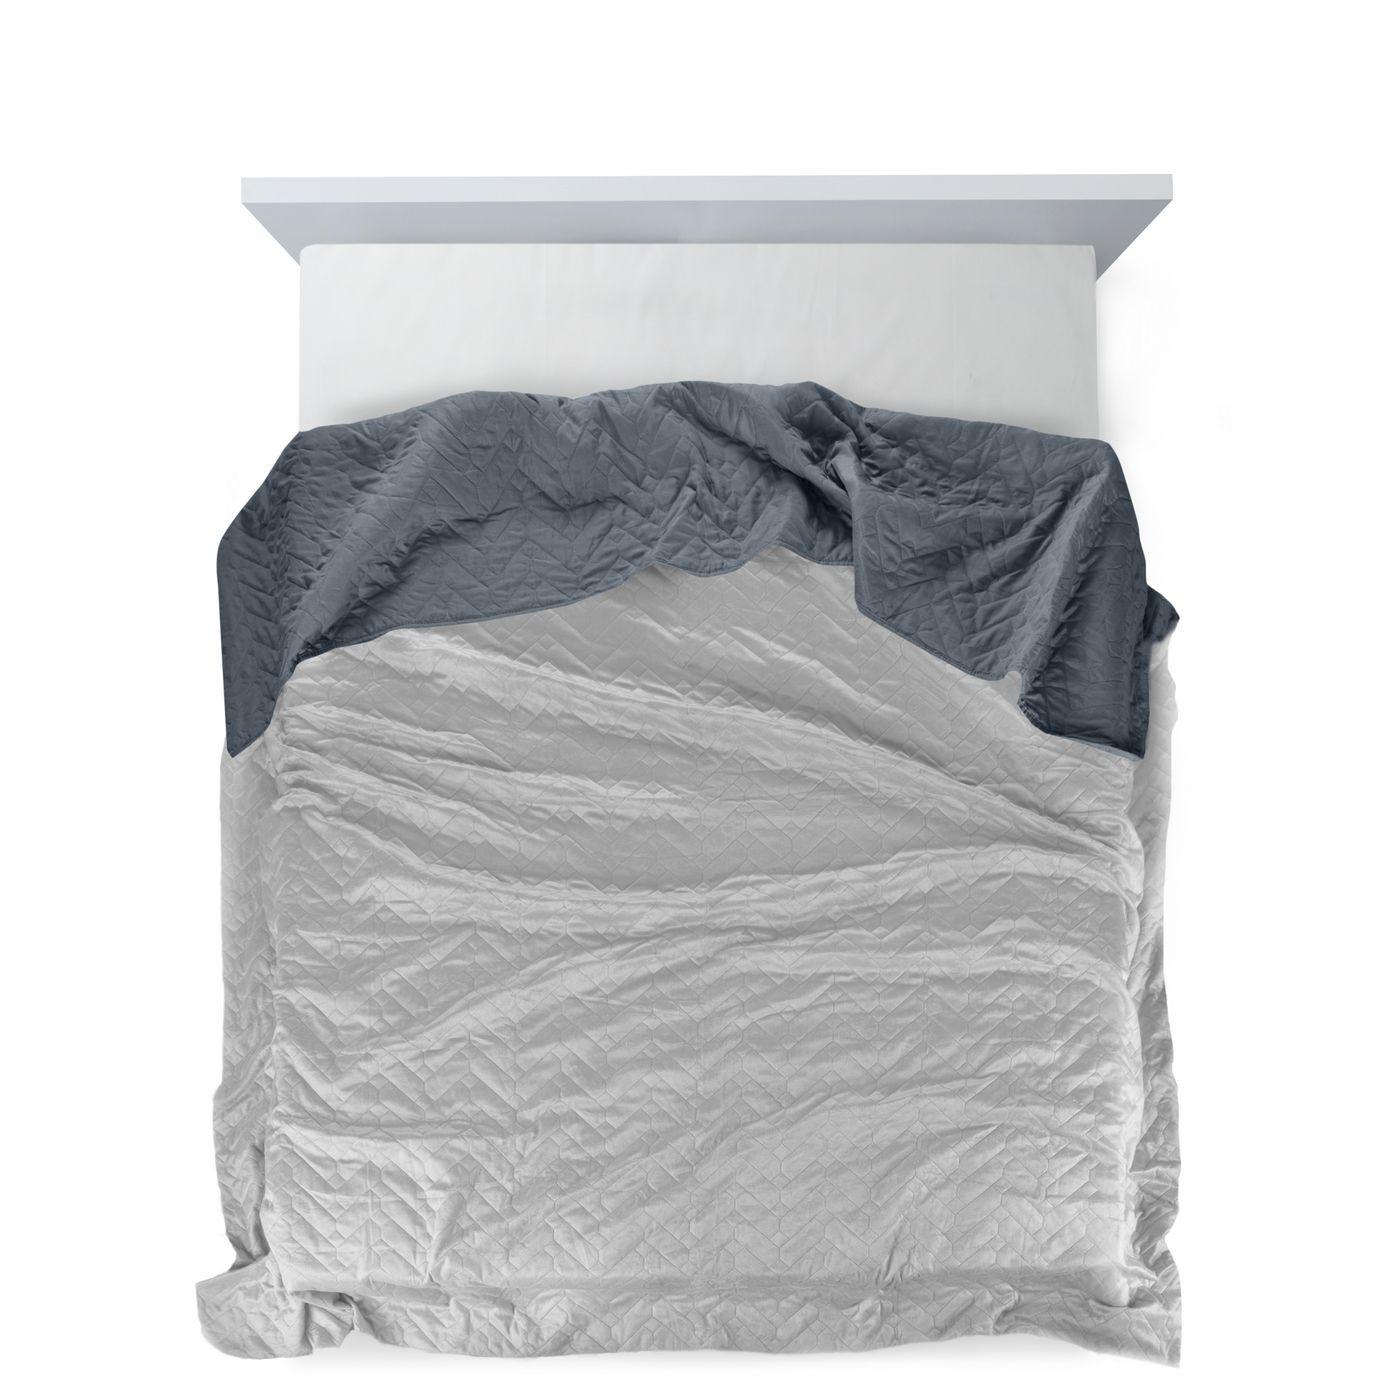 Narzuta welurowa dwustronna termozgrzewana stalowy+srebrny 220x240cm